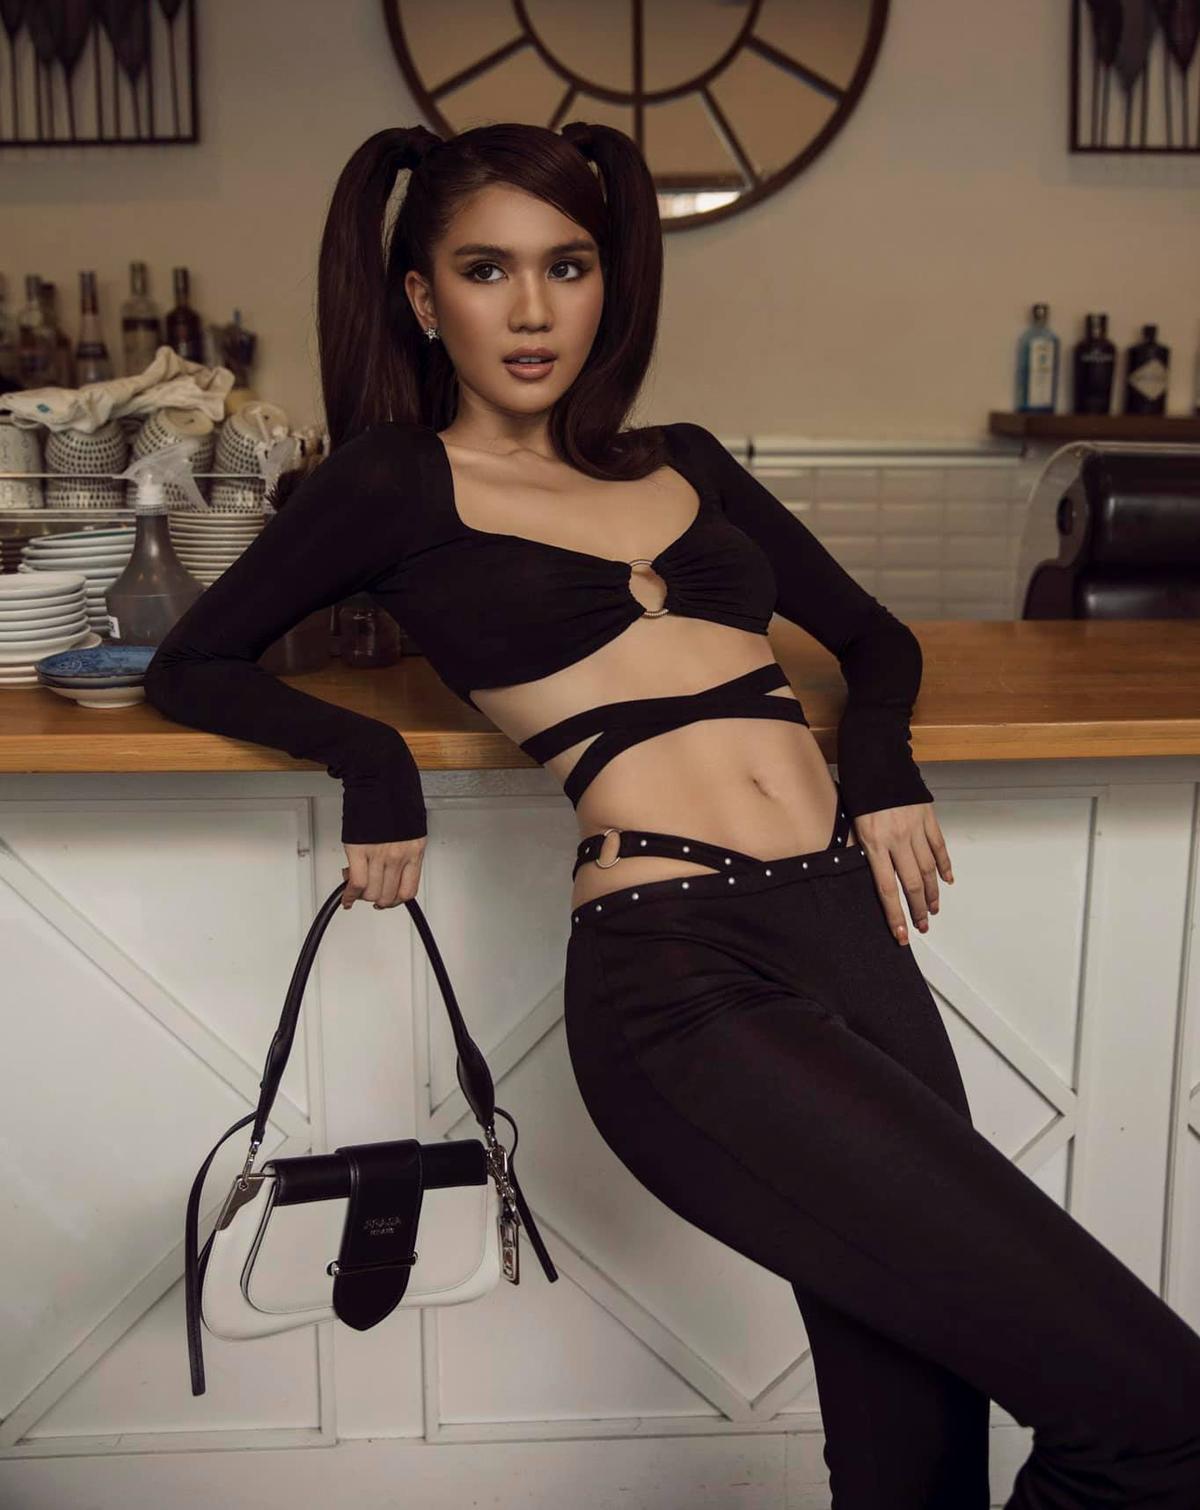 Ở Việt Nam, kiểu mặc đồ cố tình lộ dây nội y này cũng thịnh hành gần đây, được nhiều mỹ nhân hưởng ứng.